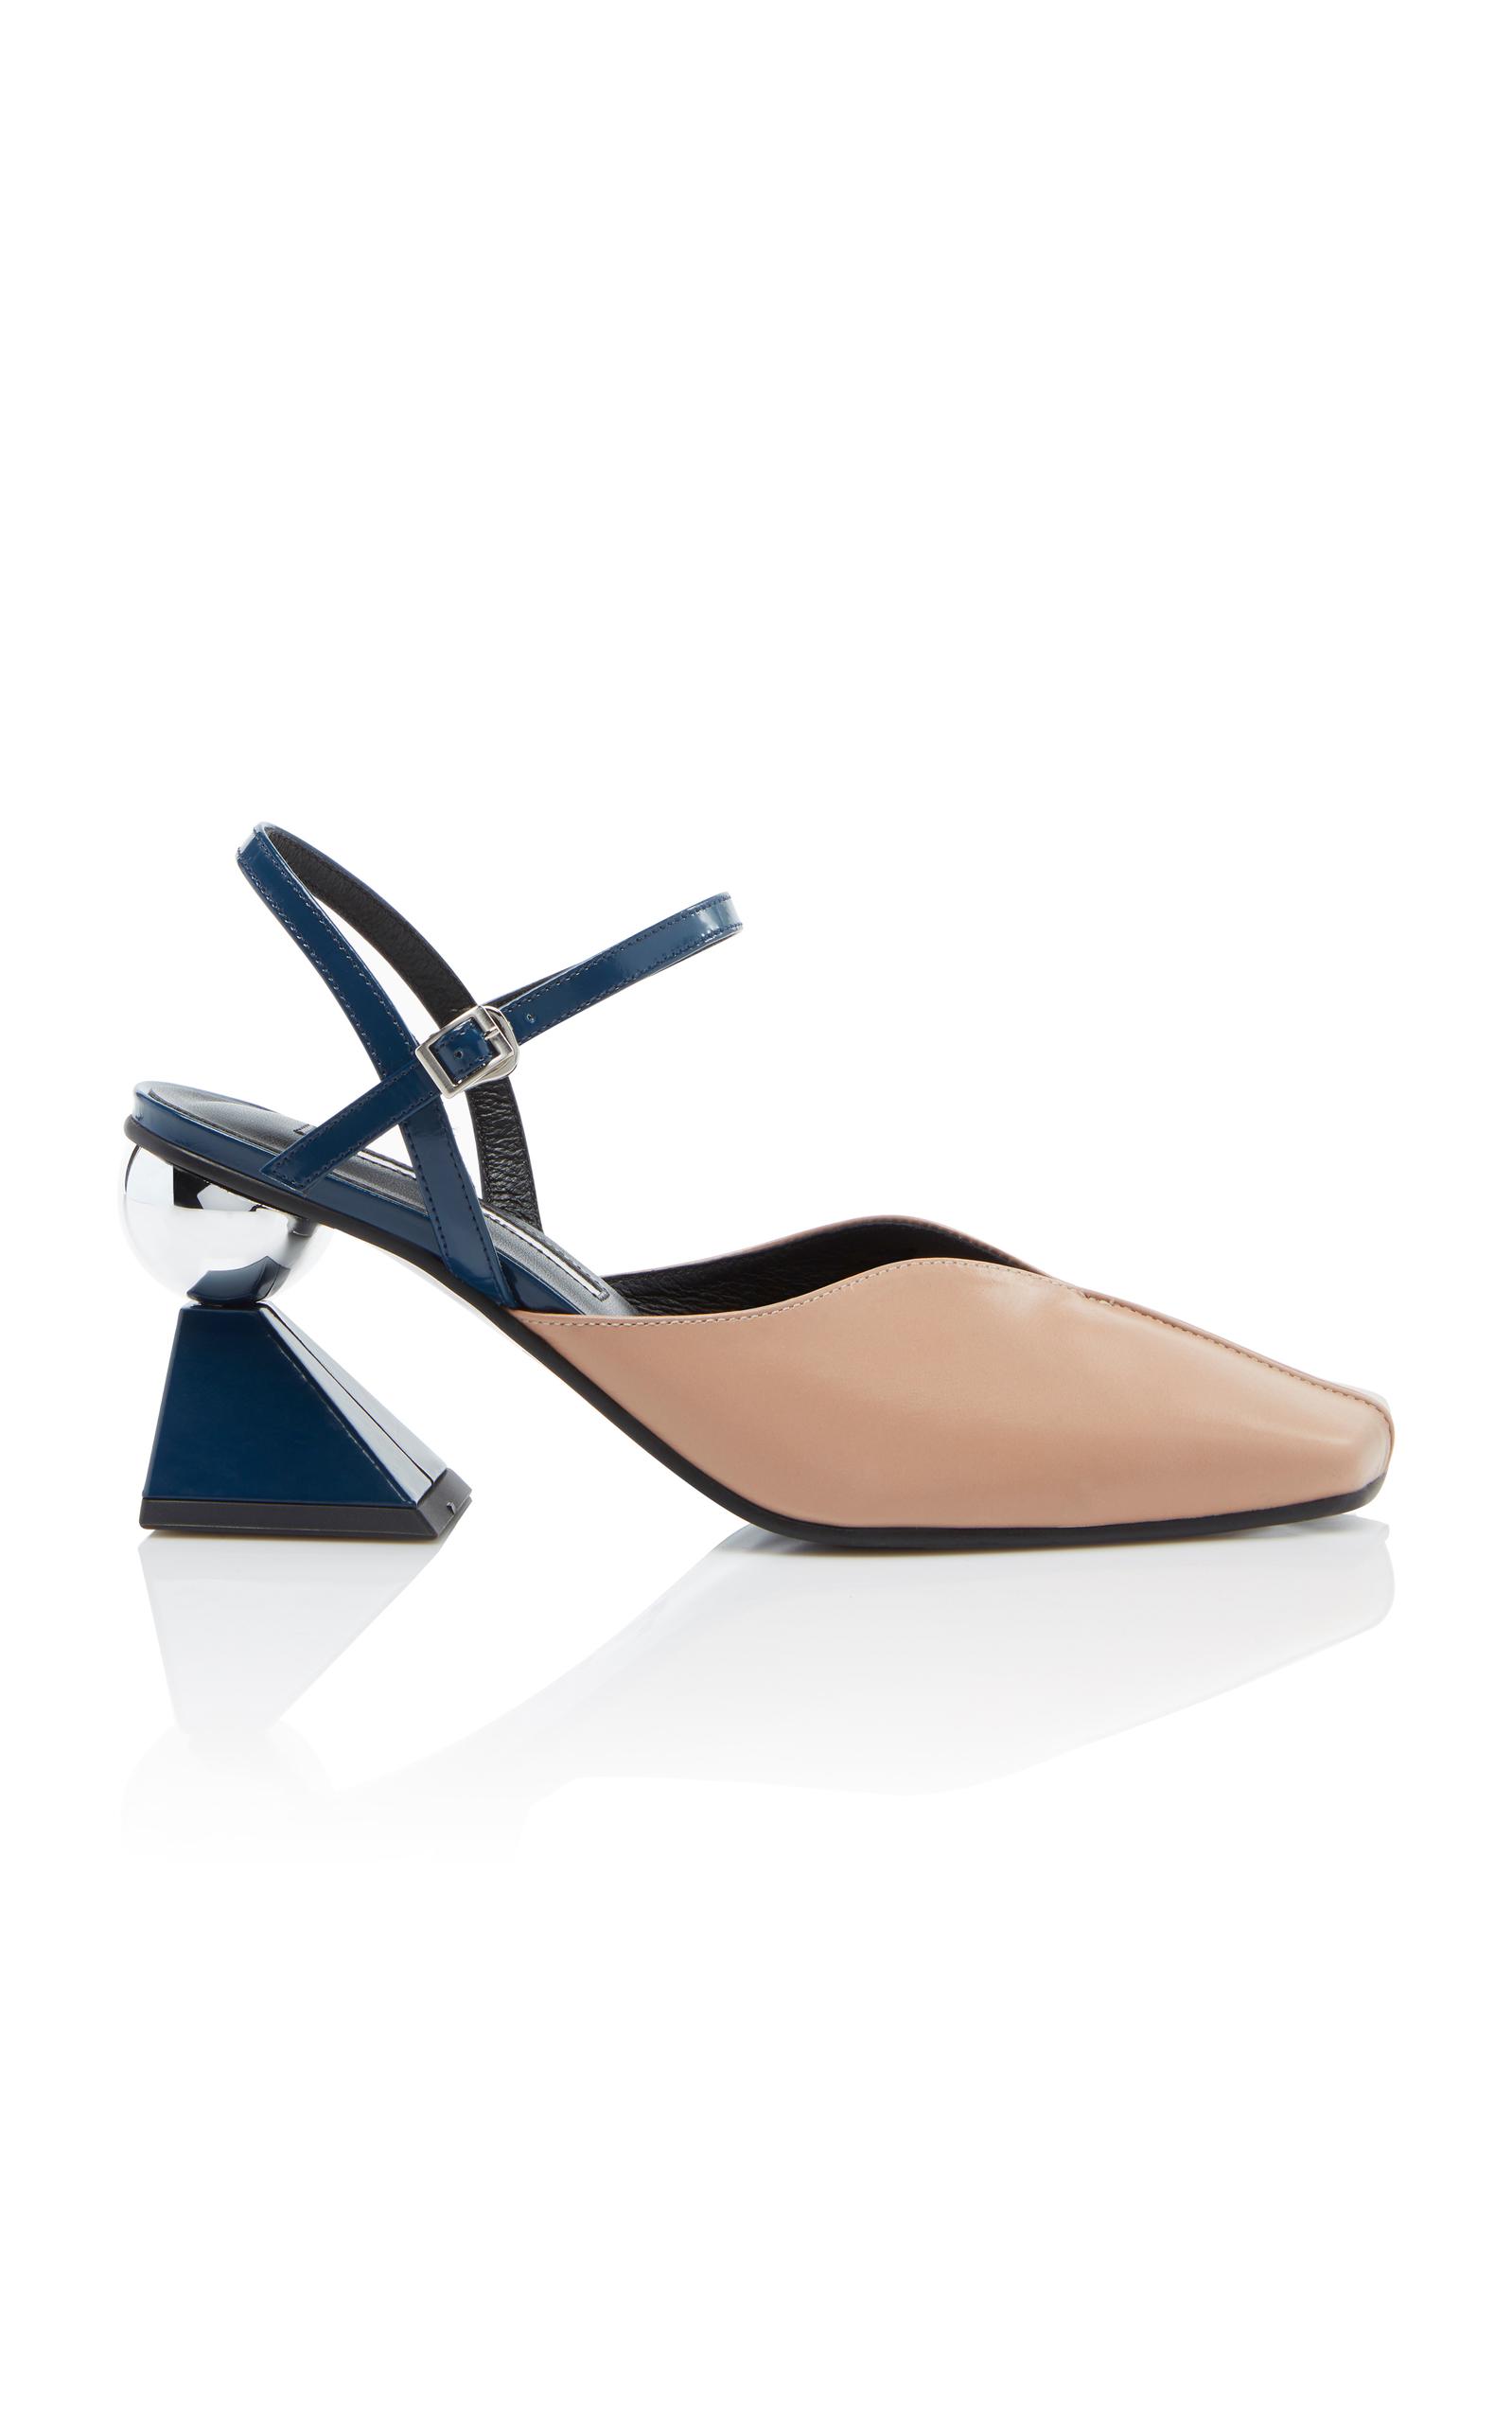 large_yuul-yie-brown-strappy-block-heel-pump.jpg